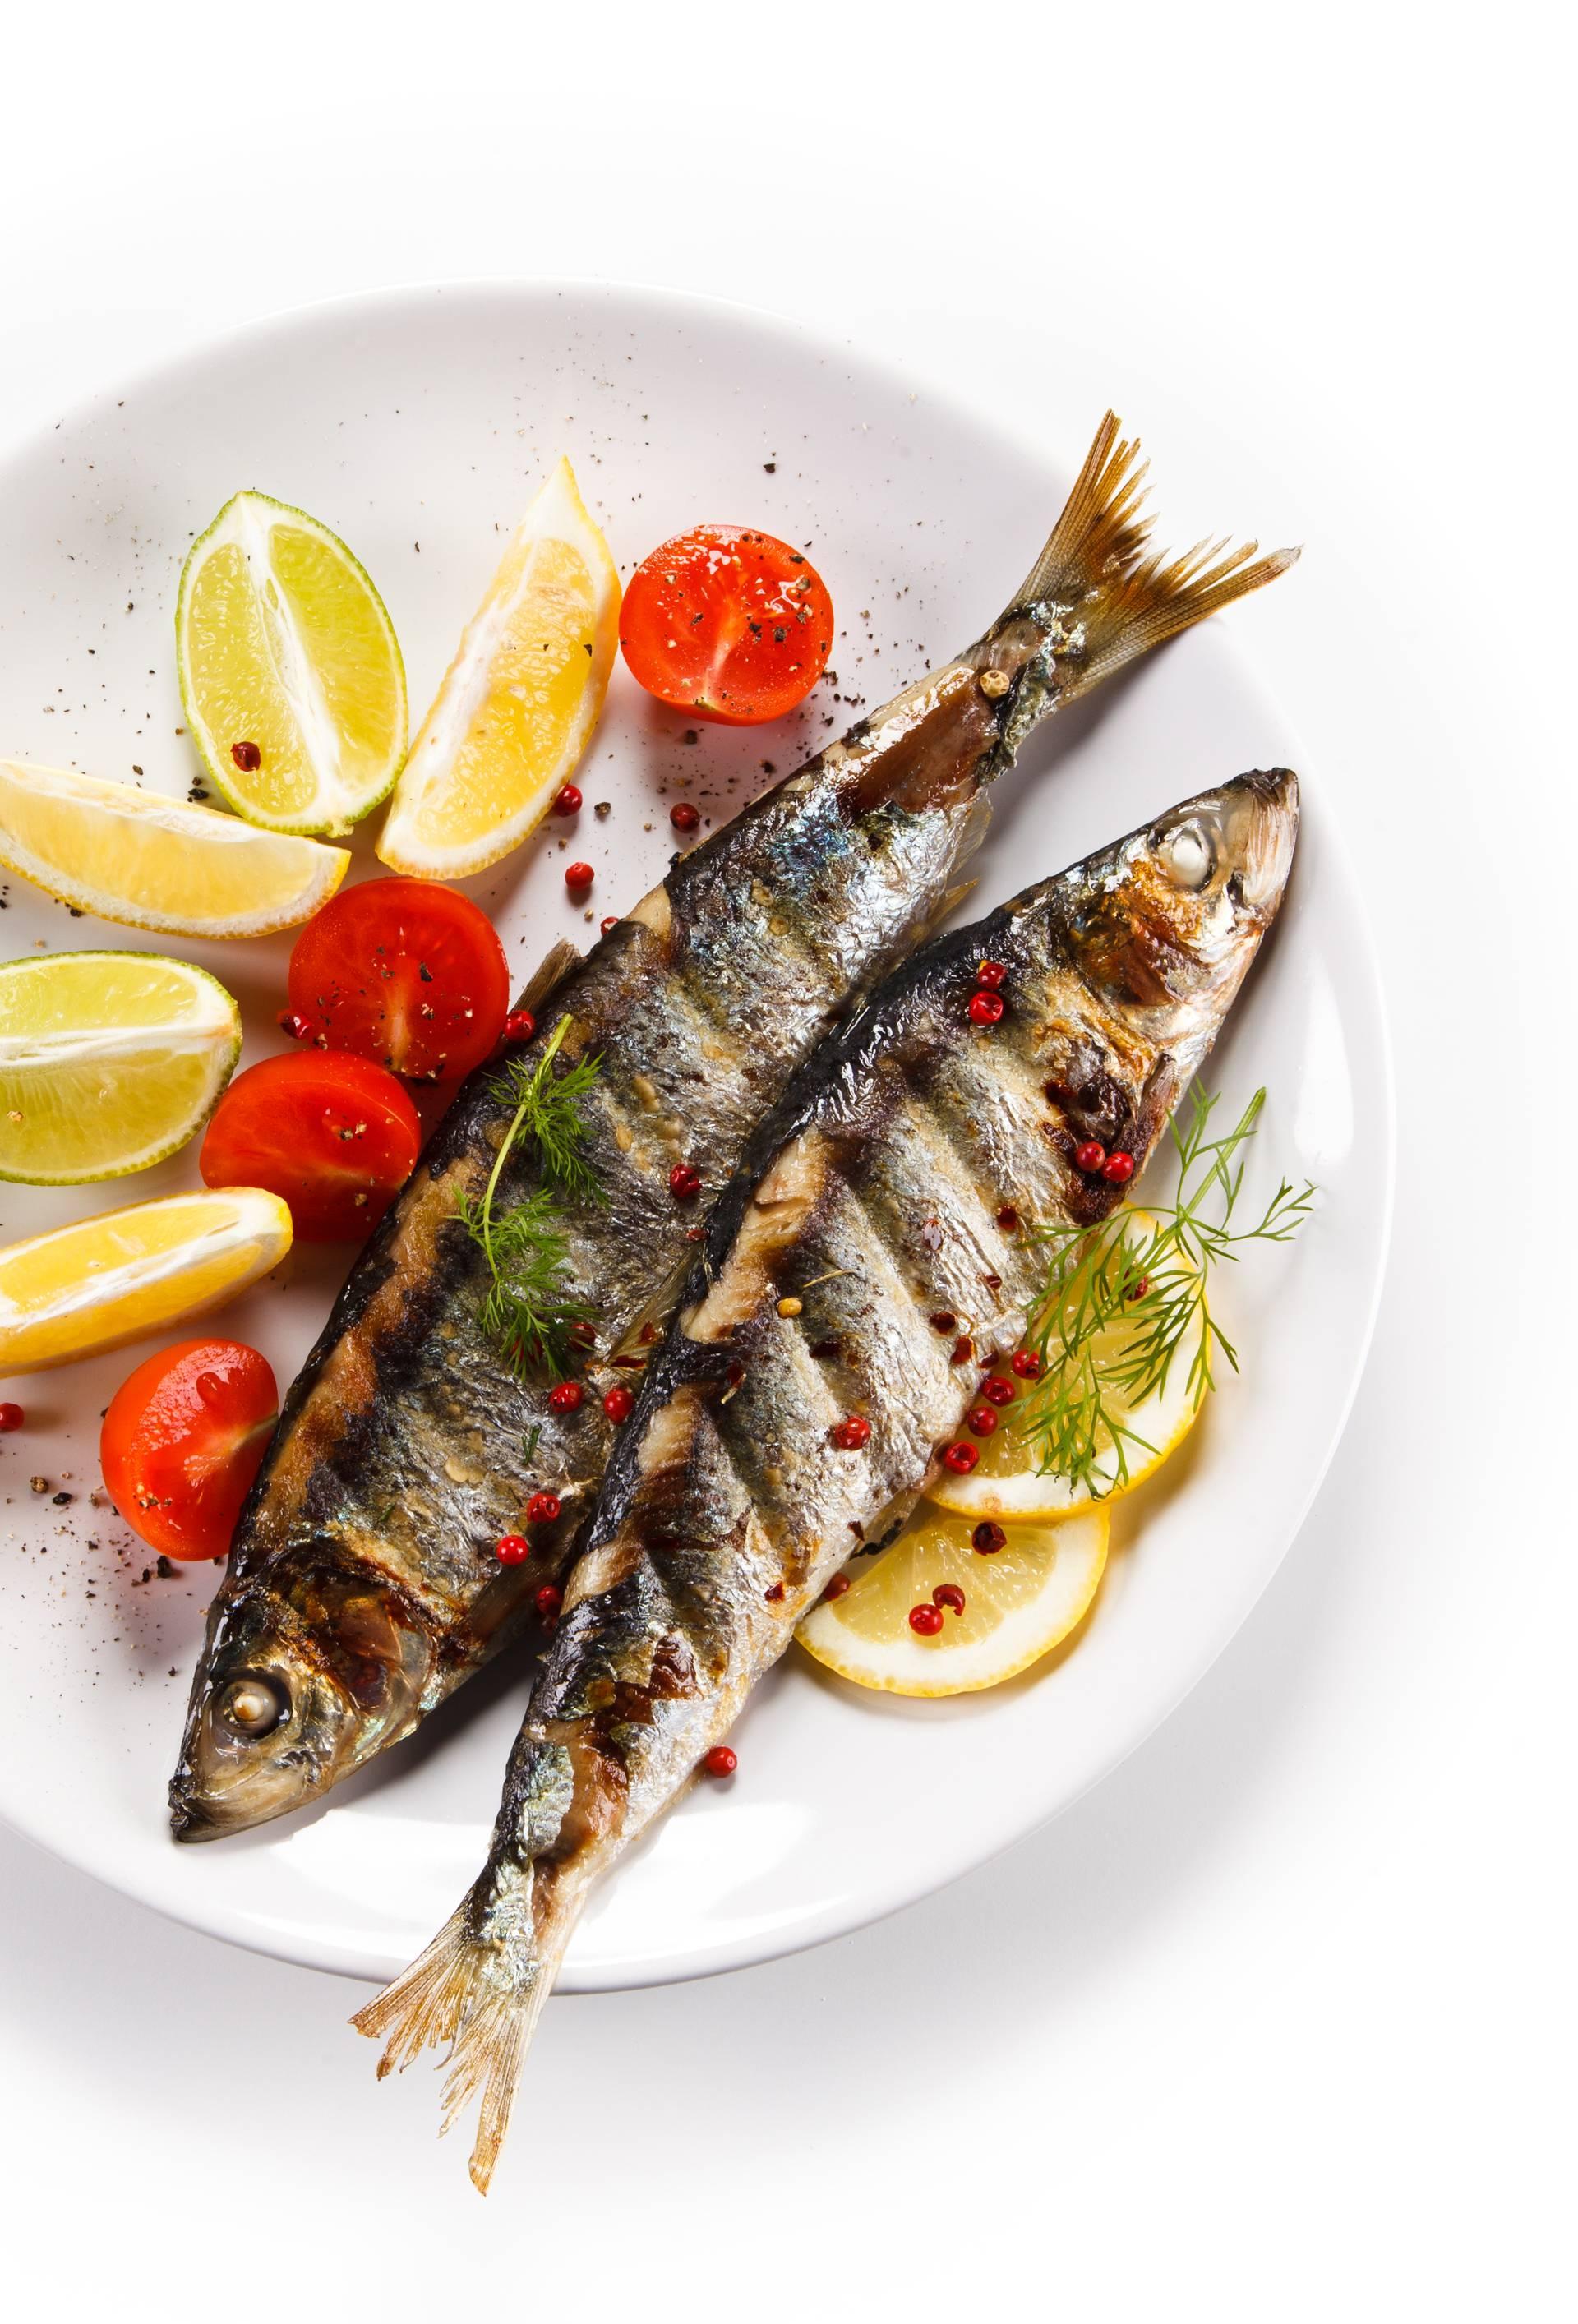 Mediteranske mješavine začina uz koje će svi hvaliti vaše ribe